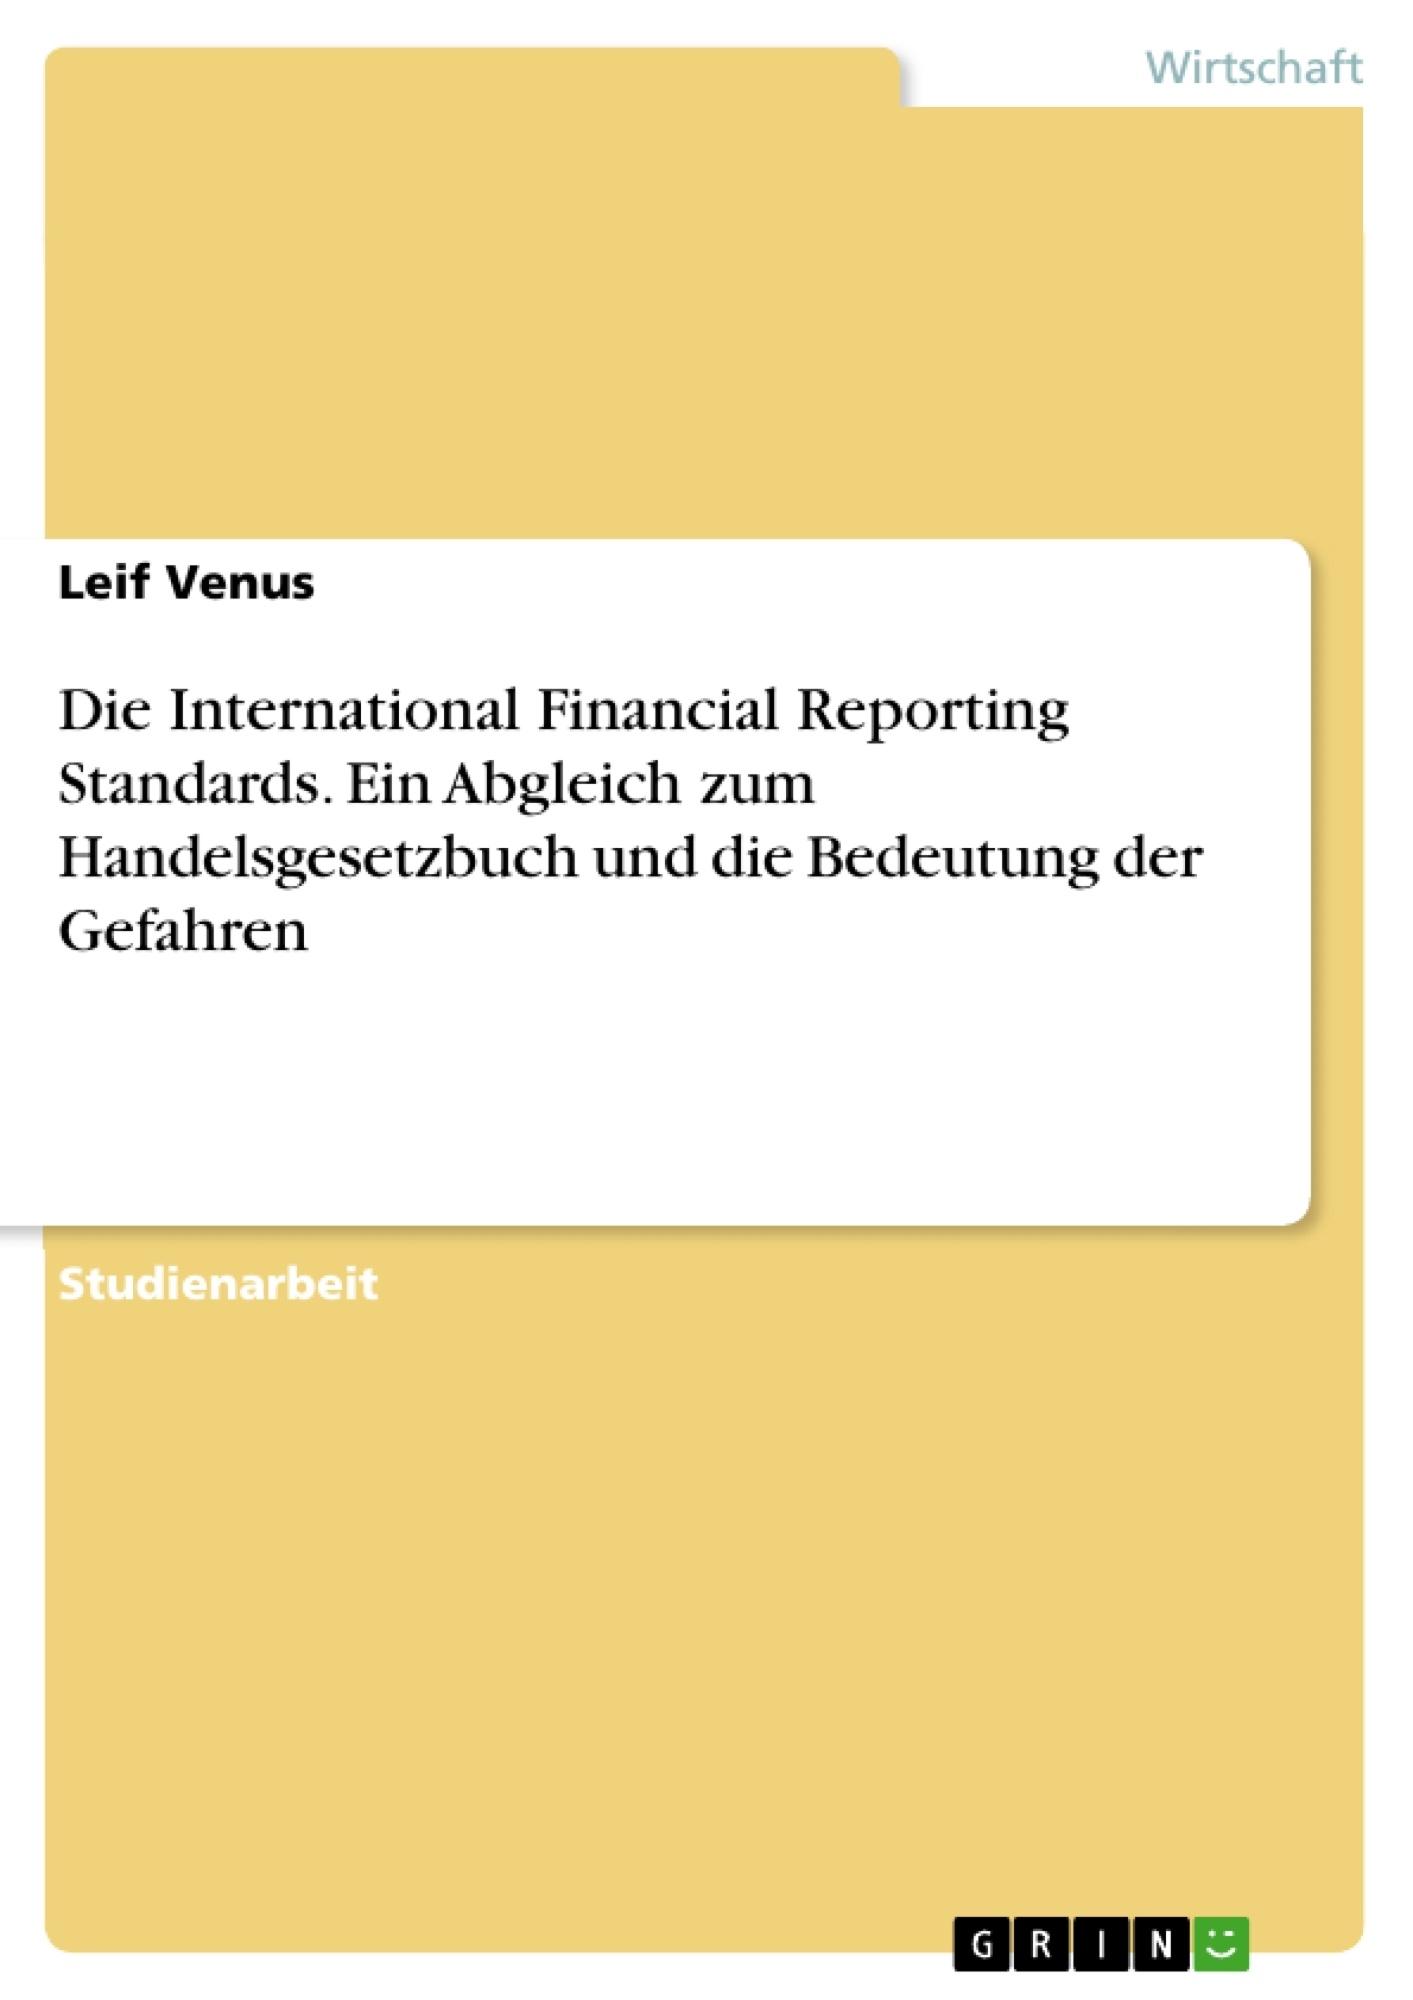 Titel: Die International Financial Reporting Standards. Ein Abgleich zum Handelsgesetzbuch und die Bedeutung der Gefahren